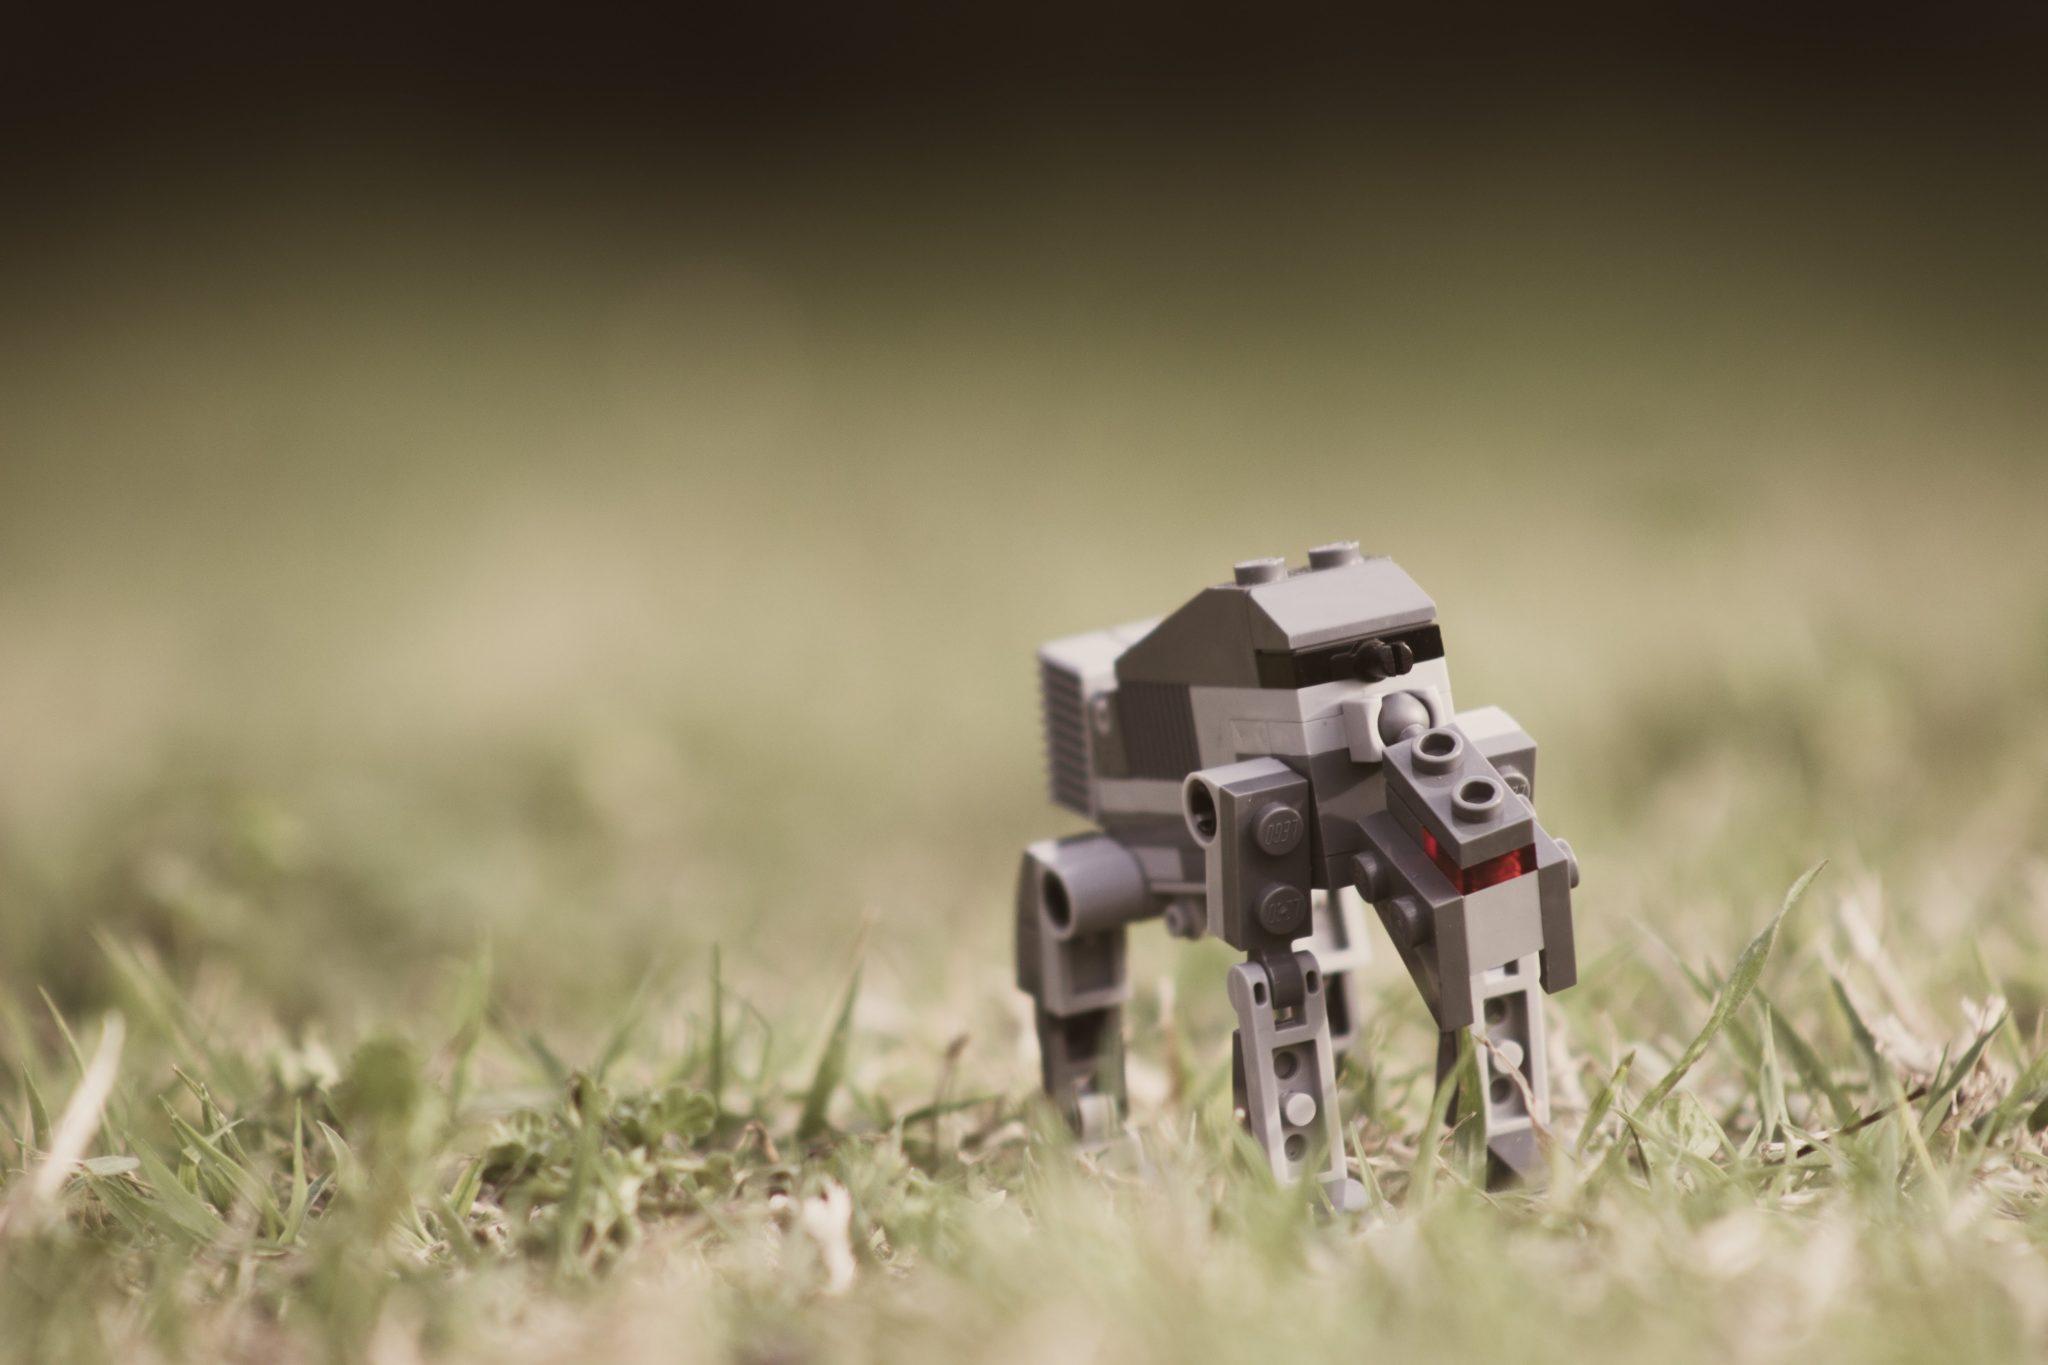 Cani robot: sicurezza pubblica e possibilità per il futuro